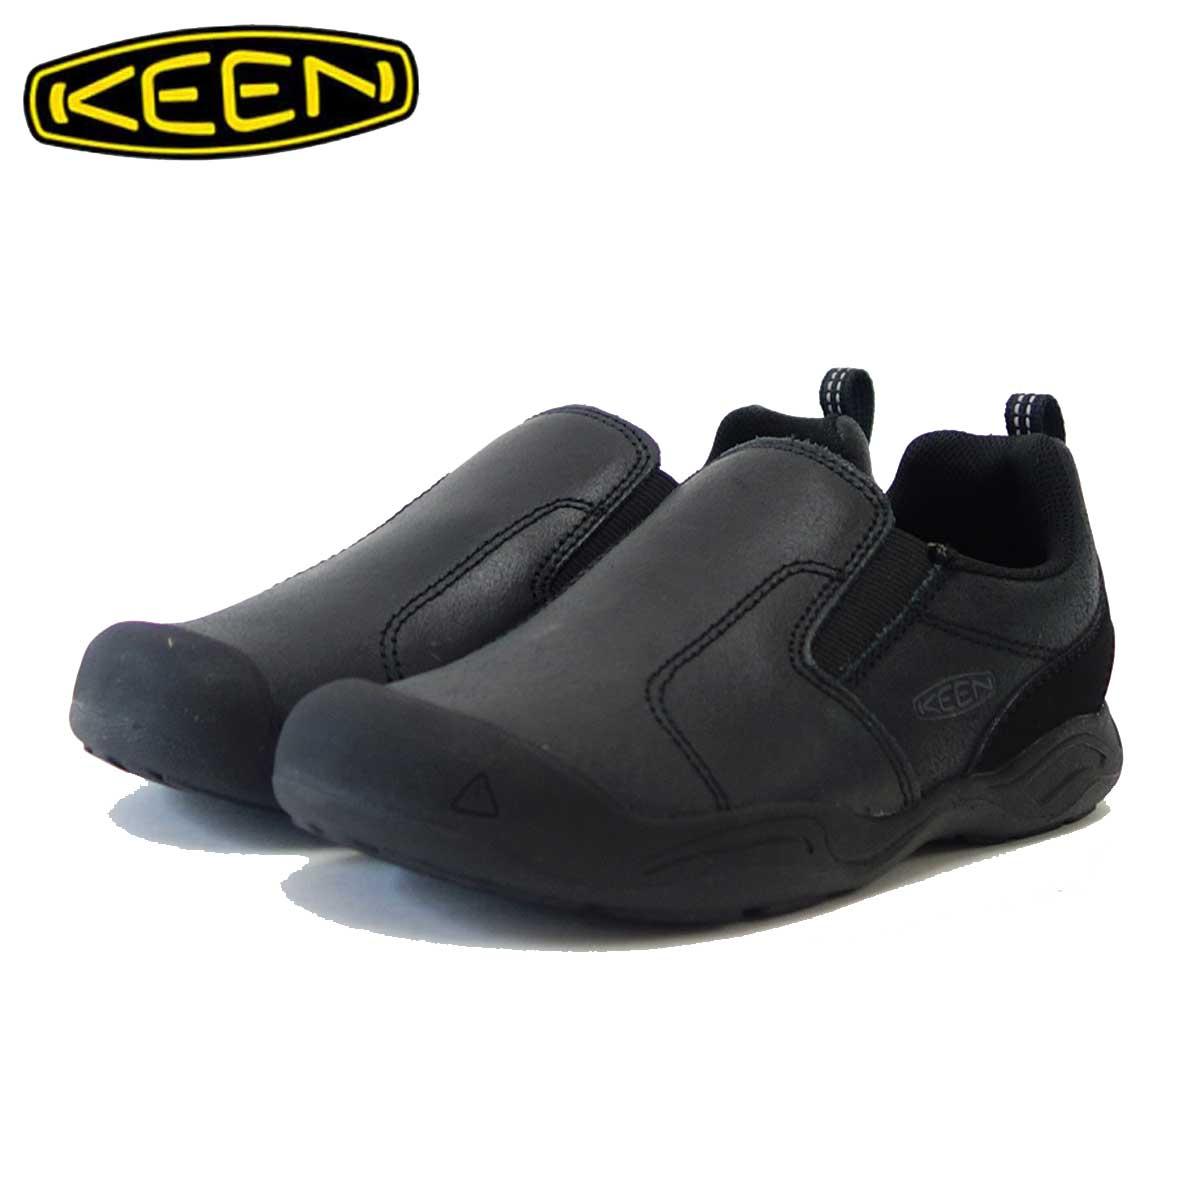 キーン KEEN KIDS Jasper Slip-ON 1019722(キッズ)1019718 ジャスパー スリップオン カラー:Black / Raven 多目的なアウトドアスニーカー 「靴」